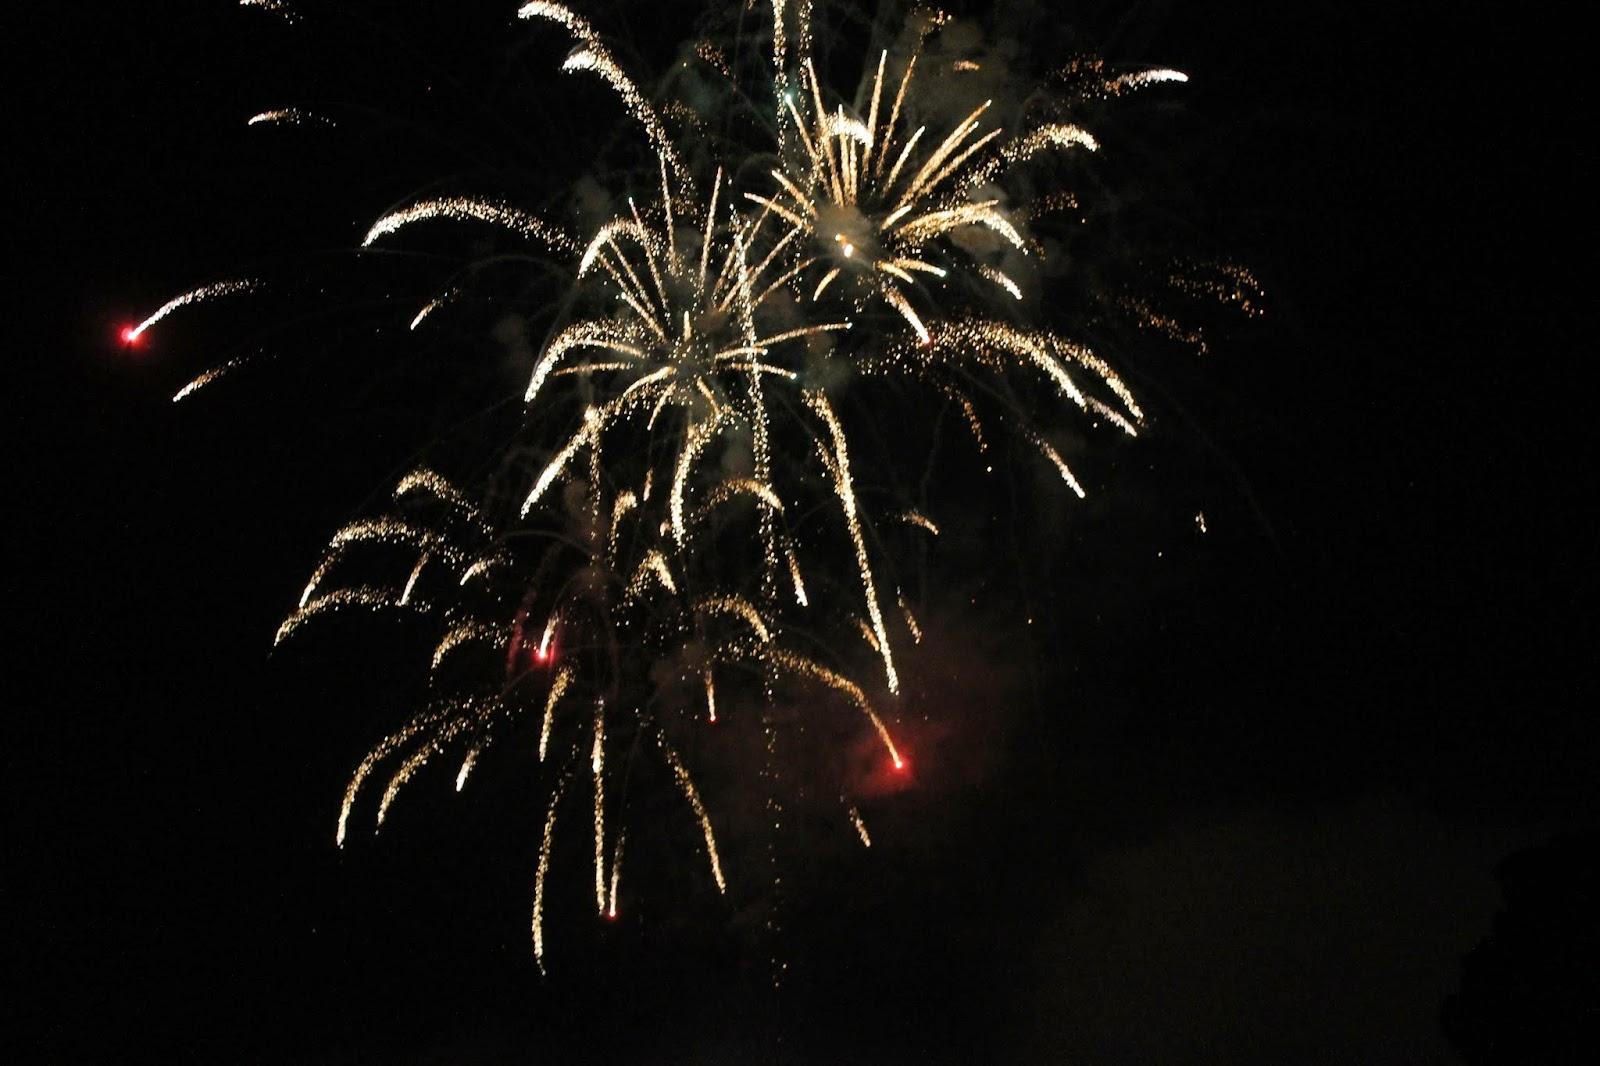 Sefton Park Fireworks Liverpool